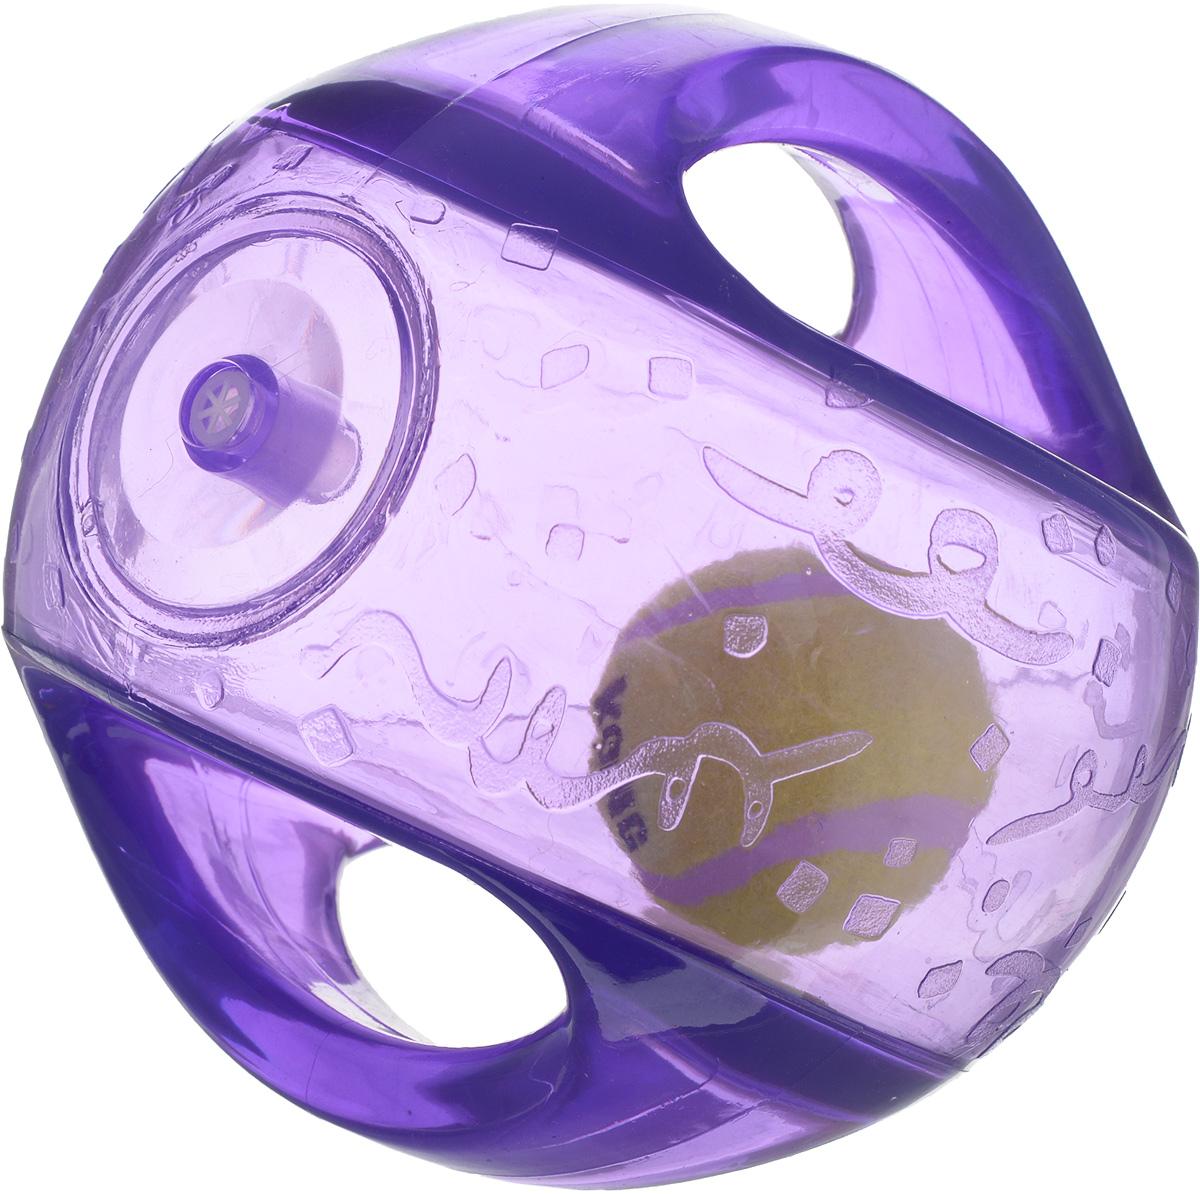 Игрушка для собак Kong Мячик, с пищалкой, цвет: прозрачный, фиолетовый, 12 х 12 х 12 см игрушка для собак kong косточка средняя с пищалкой цвет фиолетовый 15 5 х 6 5 х 3 5 см